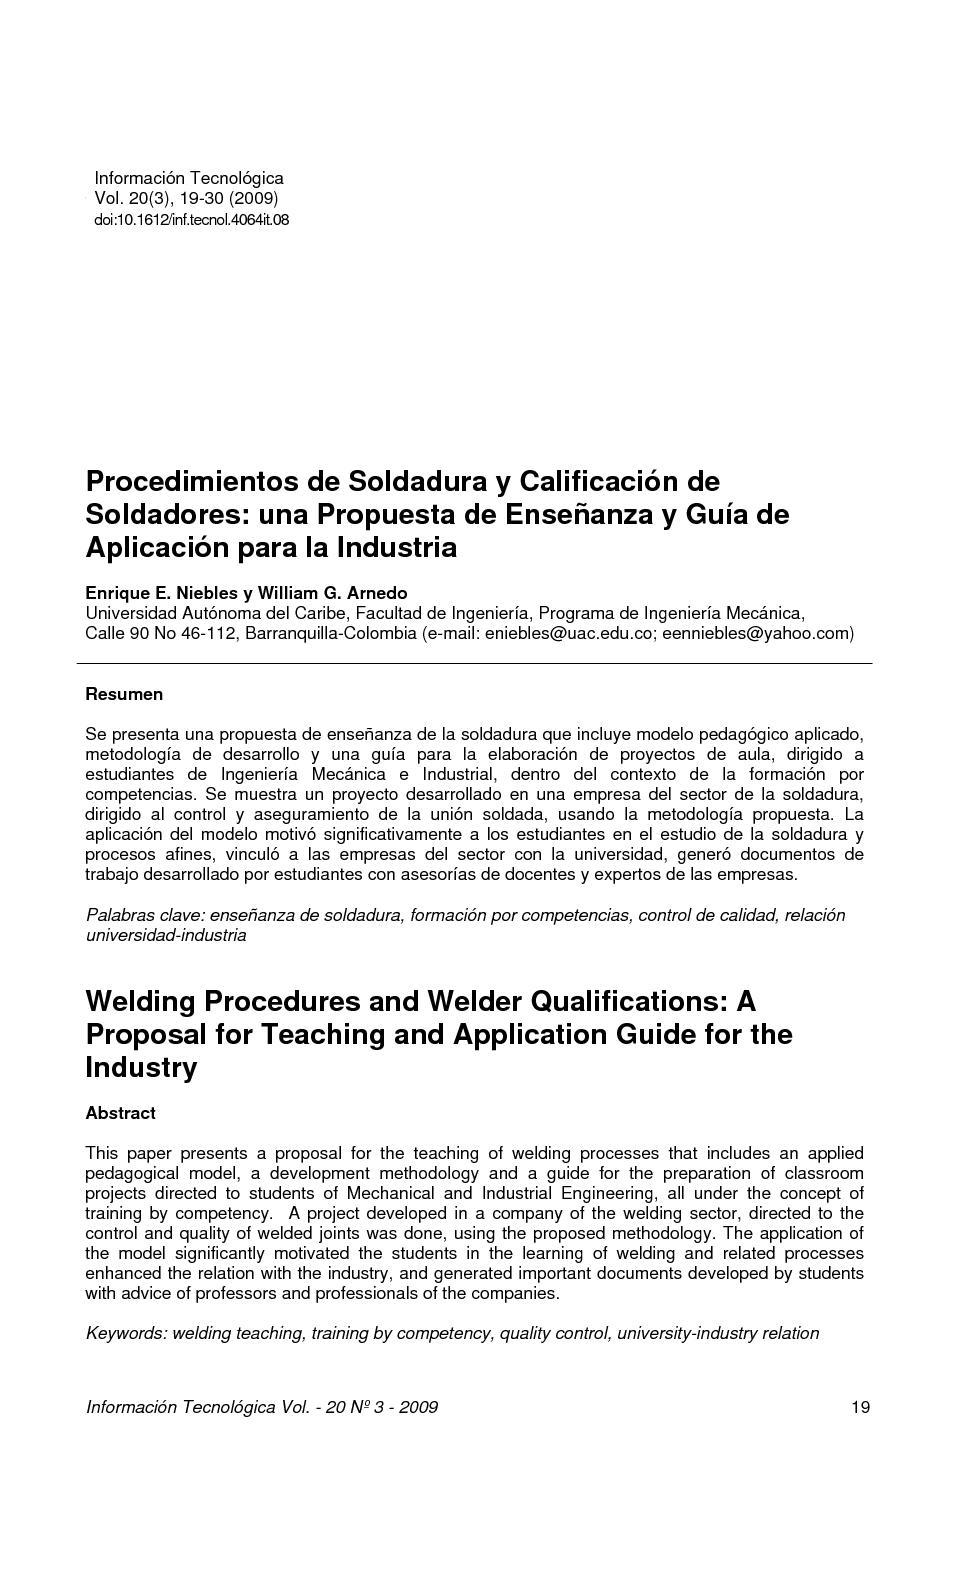 Procedimiento de Soldadura Y calificacion de Soldadores